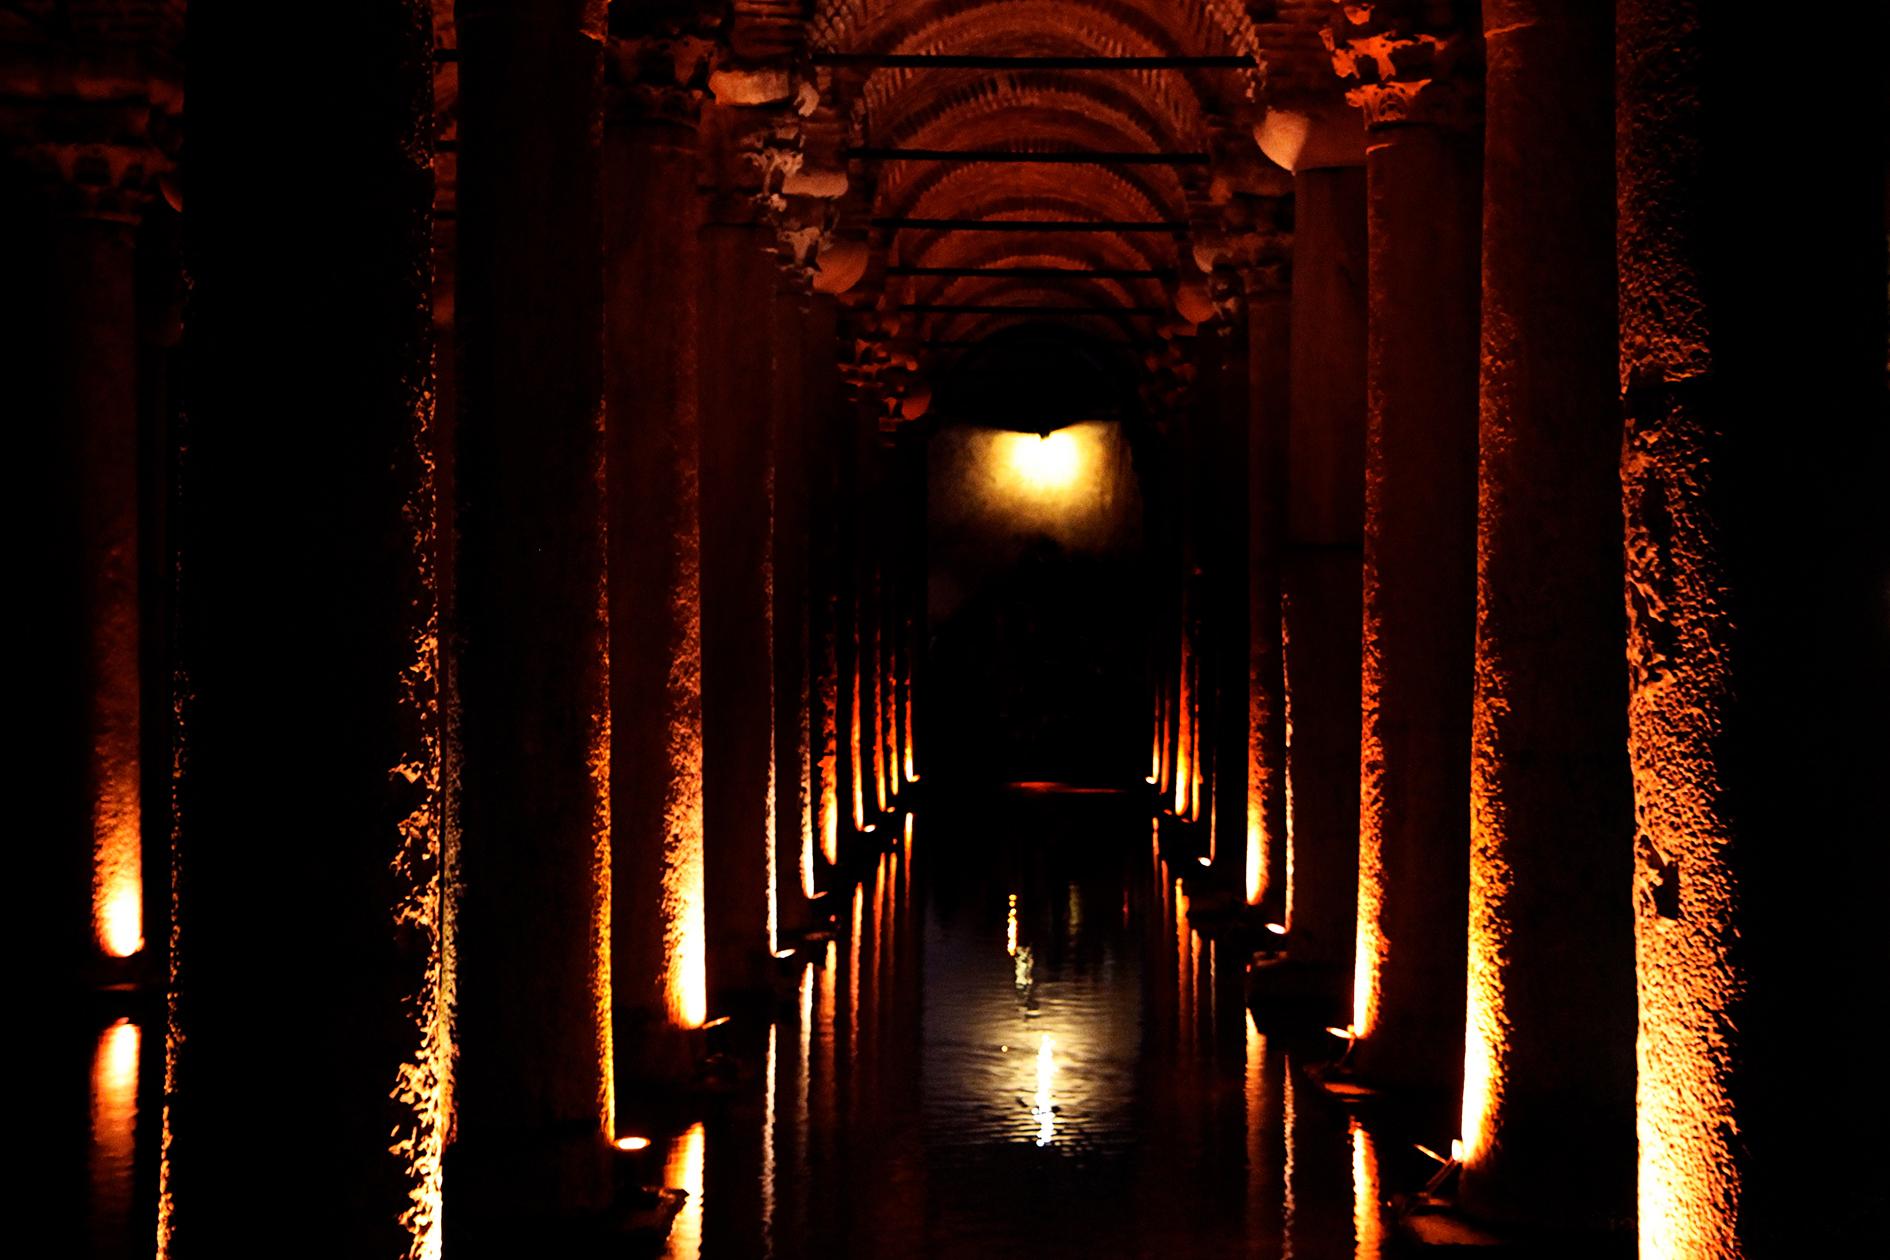 basilica-cistern-4159